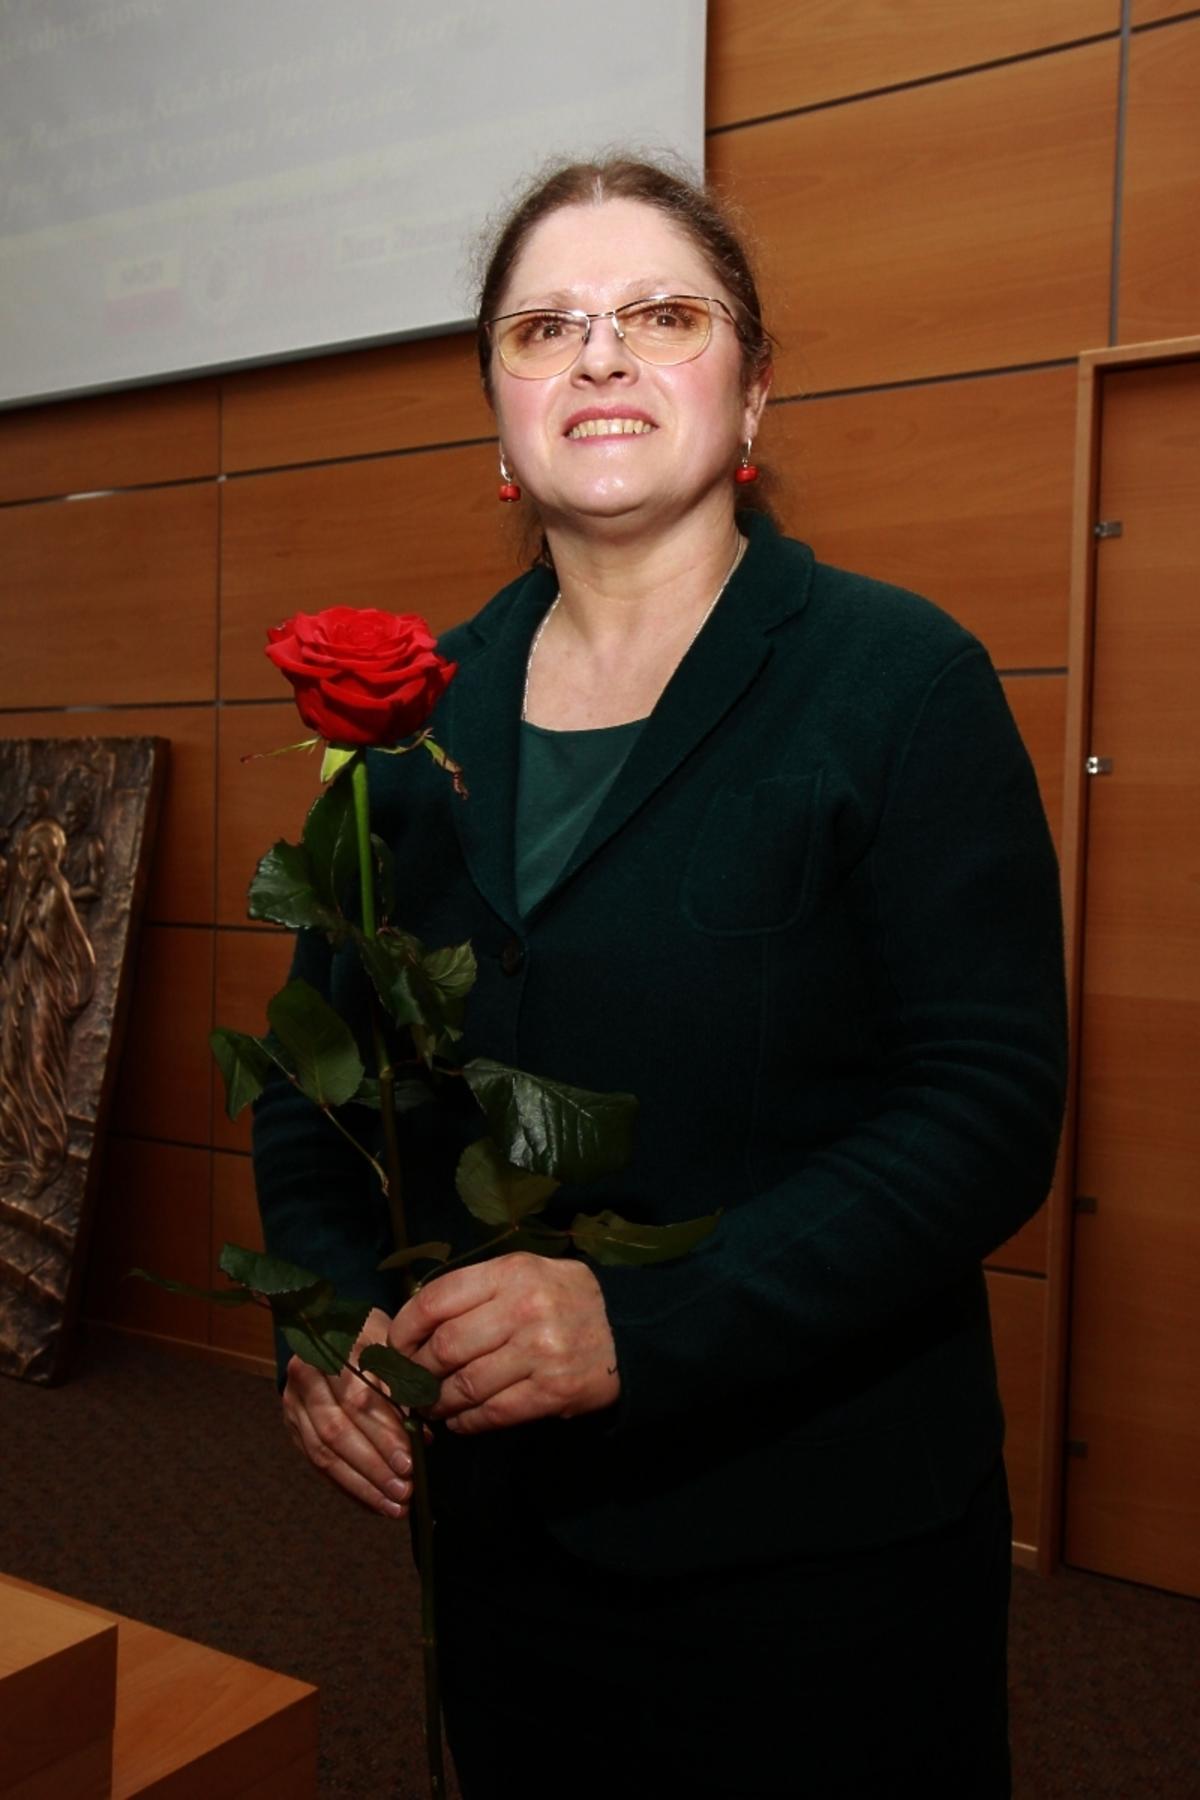 Splash Krystyny Pawłowicz